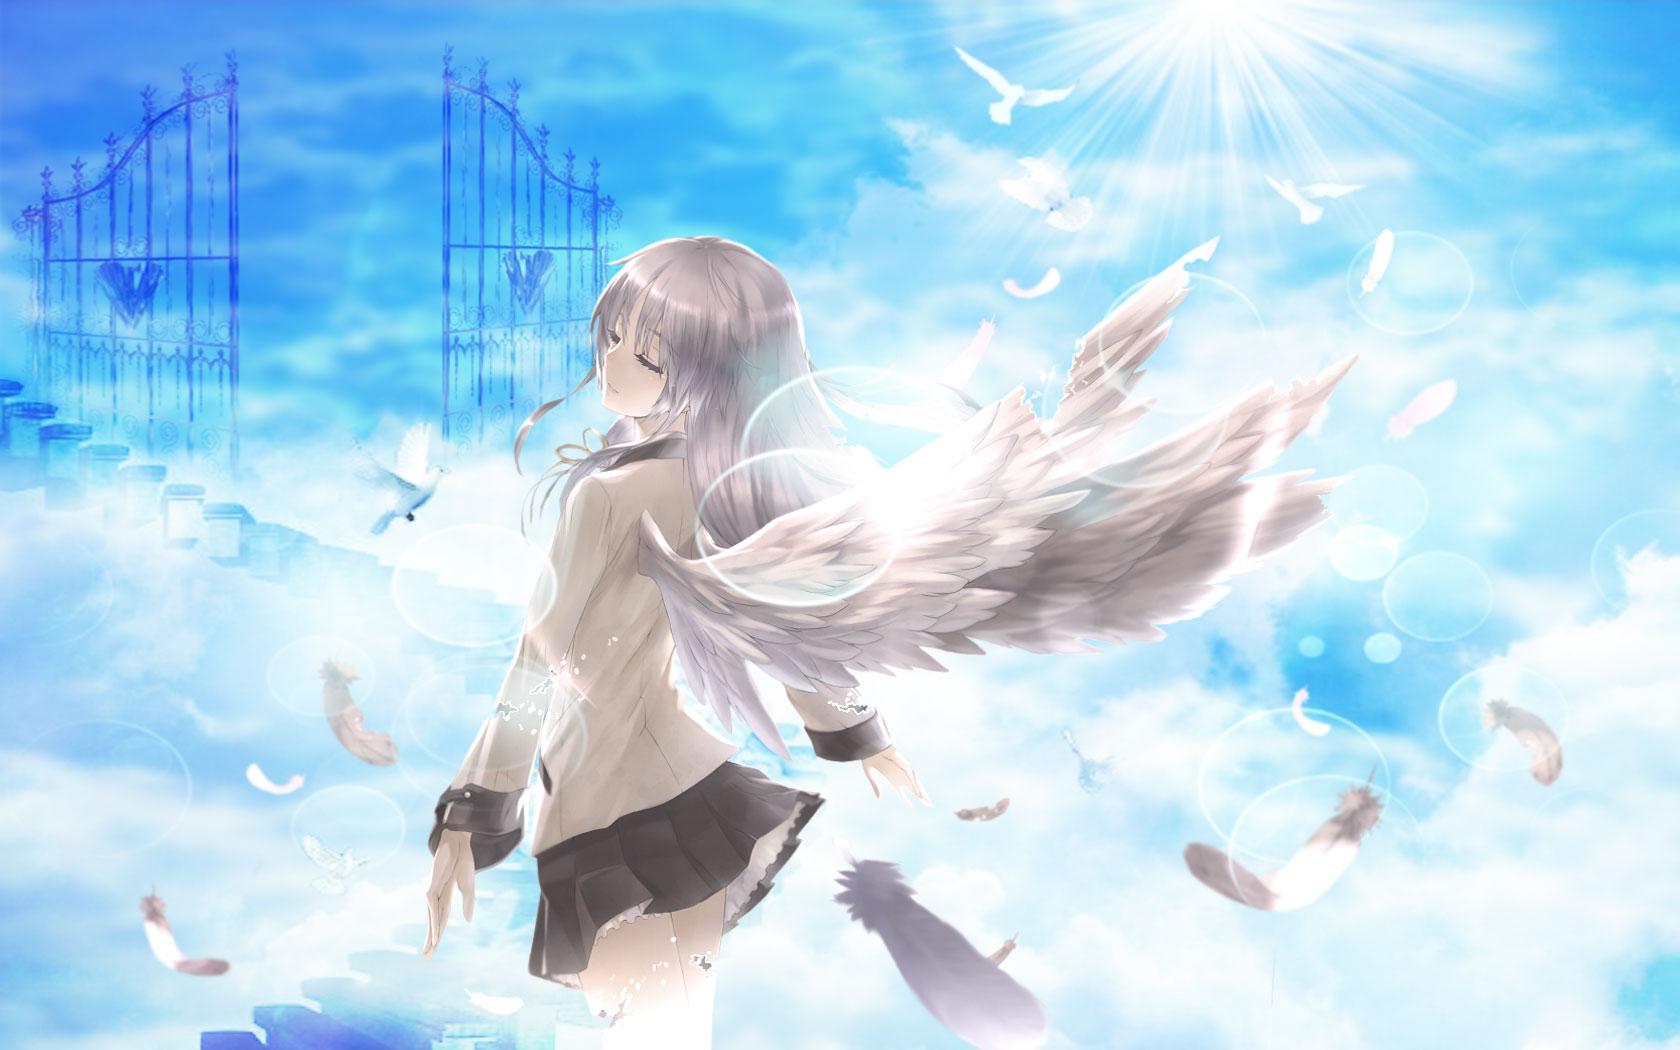 Angel beats computer wallpapers desktop backgrounds - Anime wallpaper angel ...